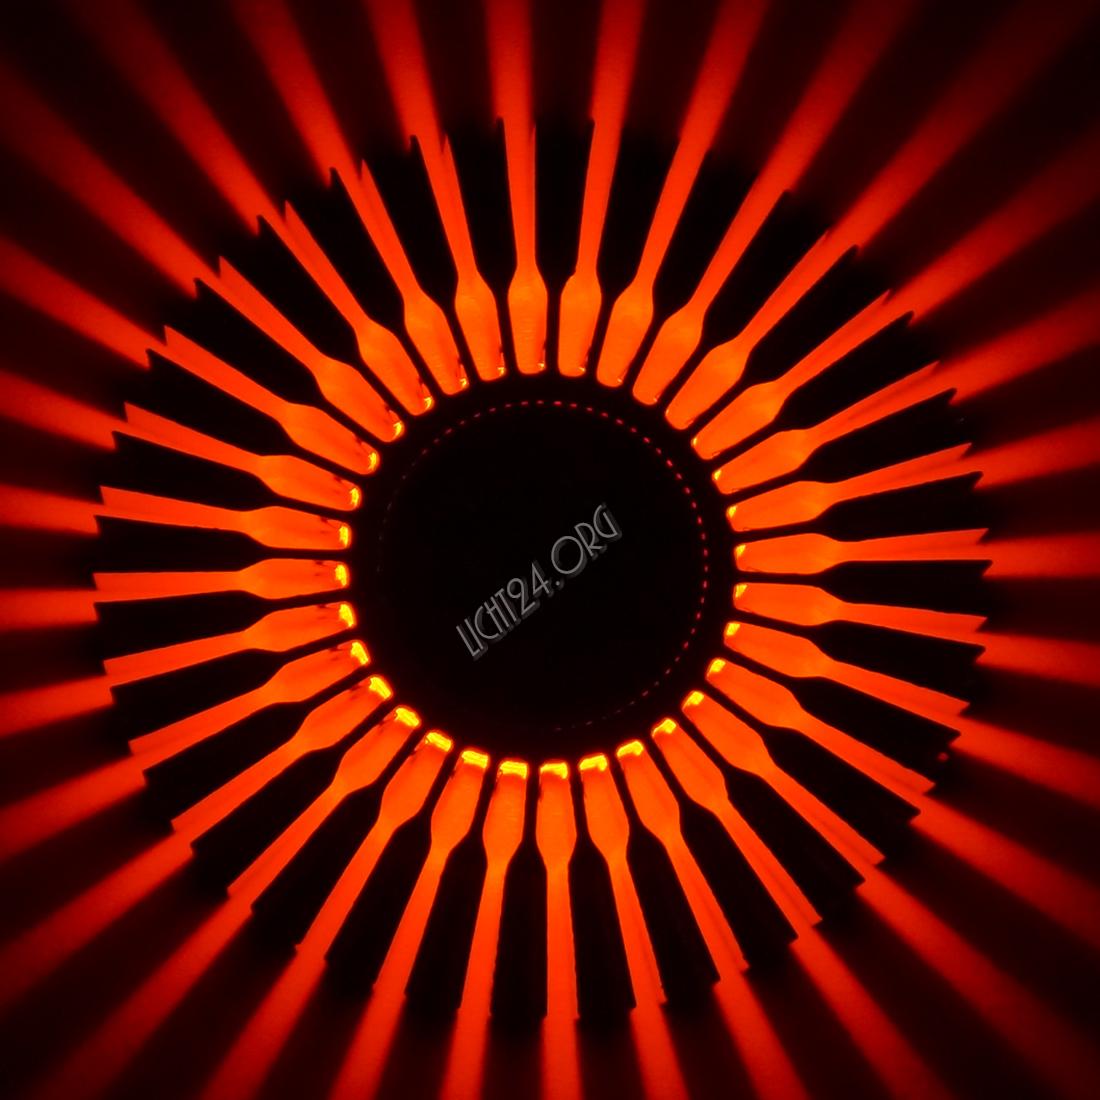 Led Wandstrahler Stripes : Details zu LED Wandstrahler STRIPES rot Wandleuchte DesignStrahle r 5